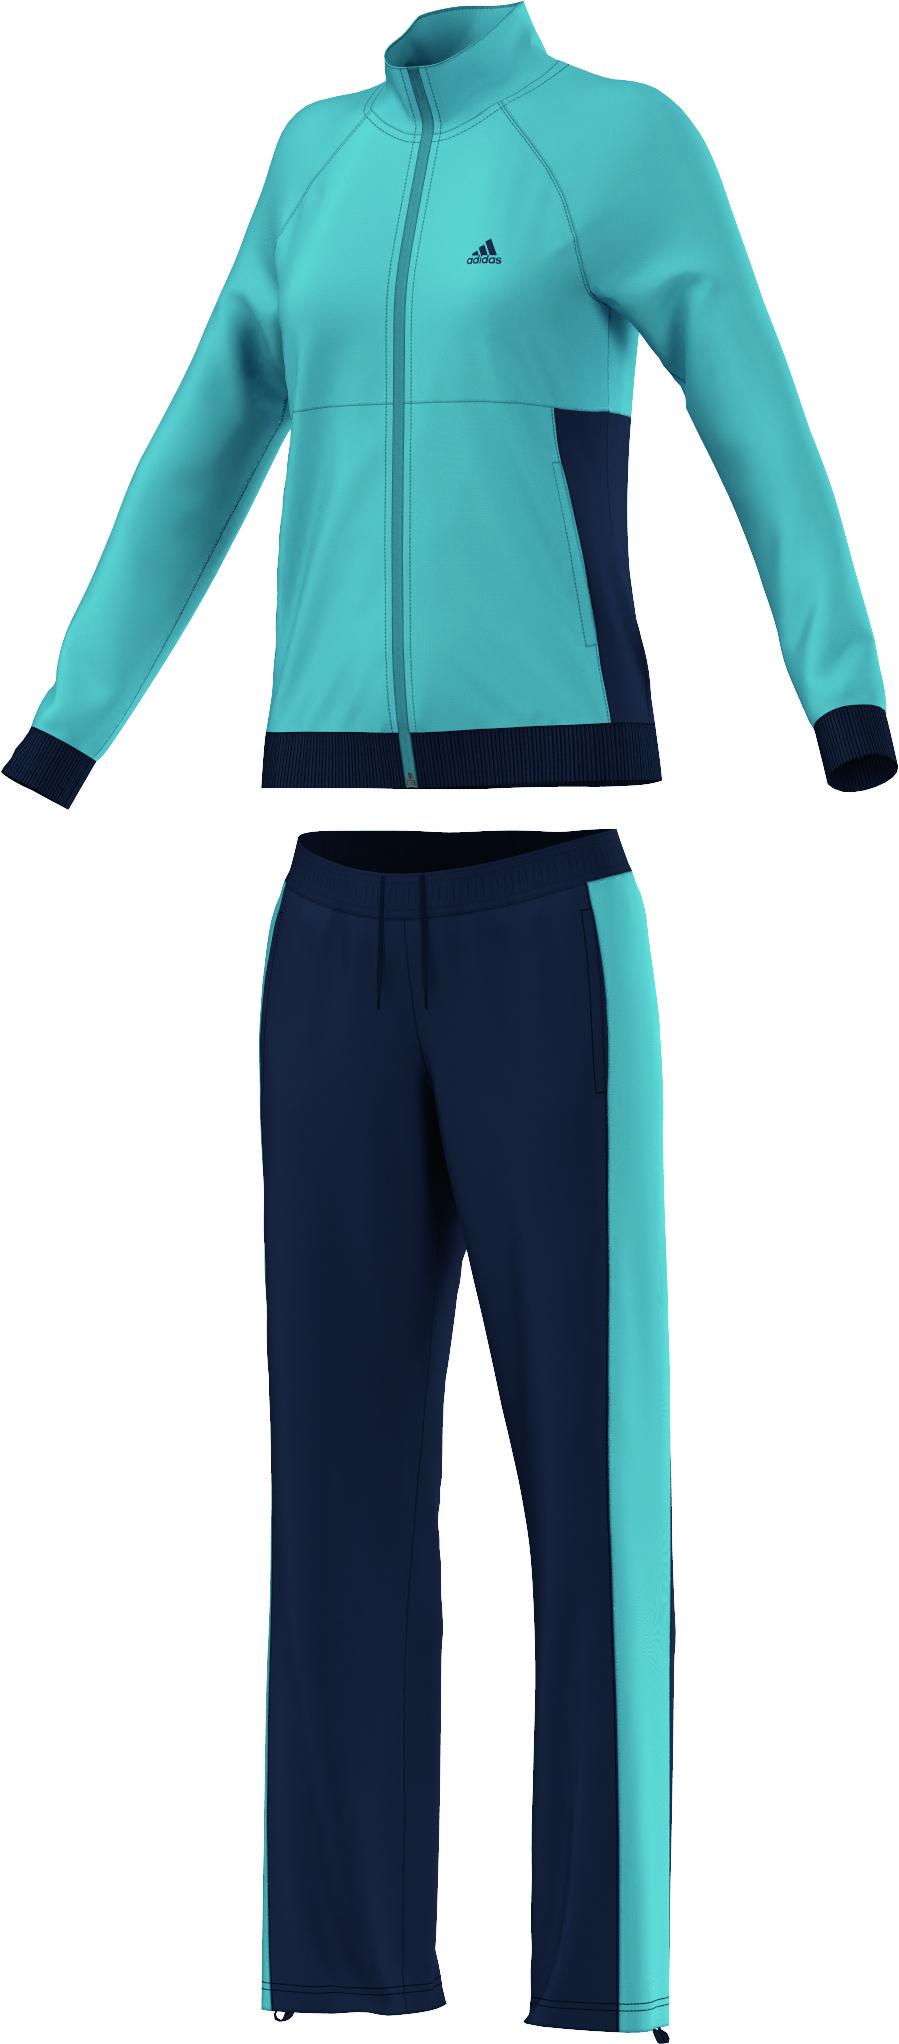 adidas pr sentationsanzug basic suit trainingsanzug neu. Black Bedroom Furniture Sets. Home Design Ideas